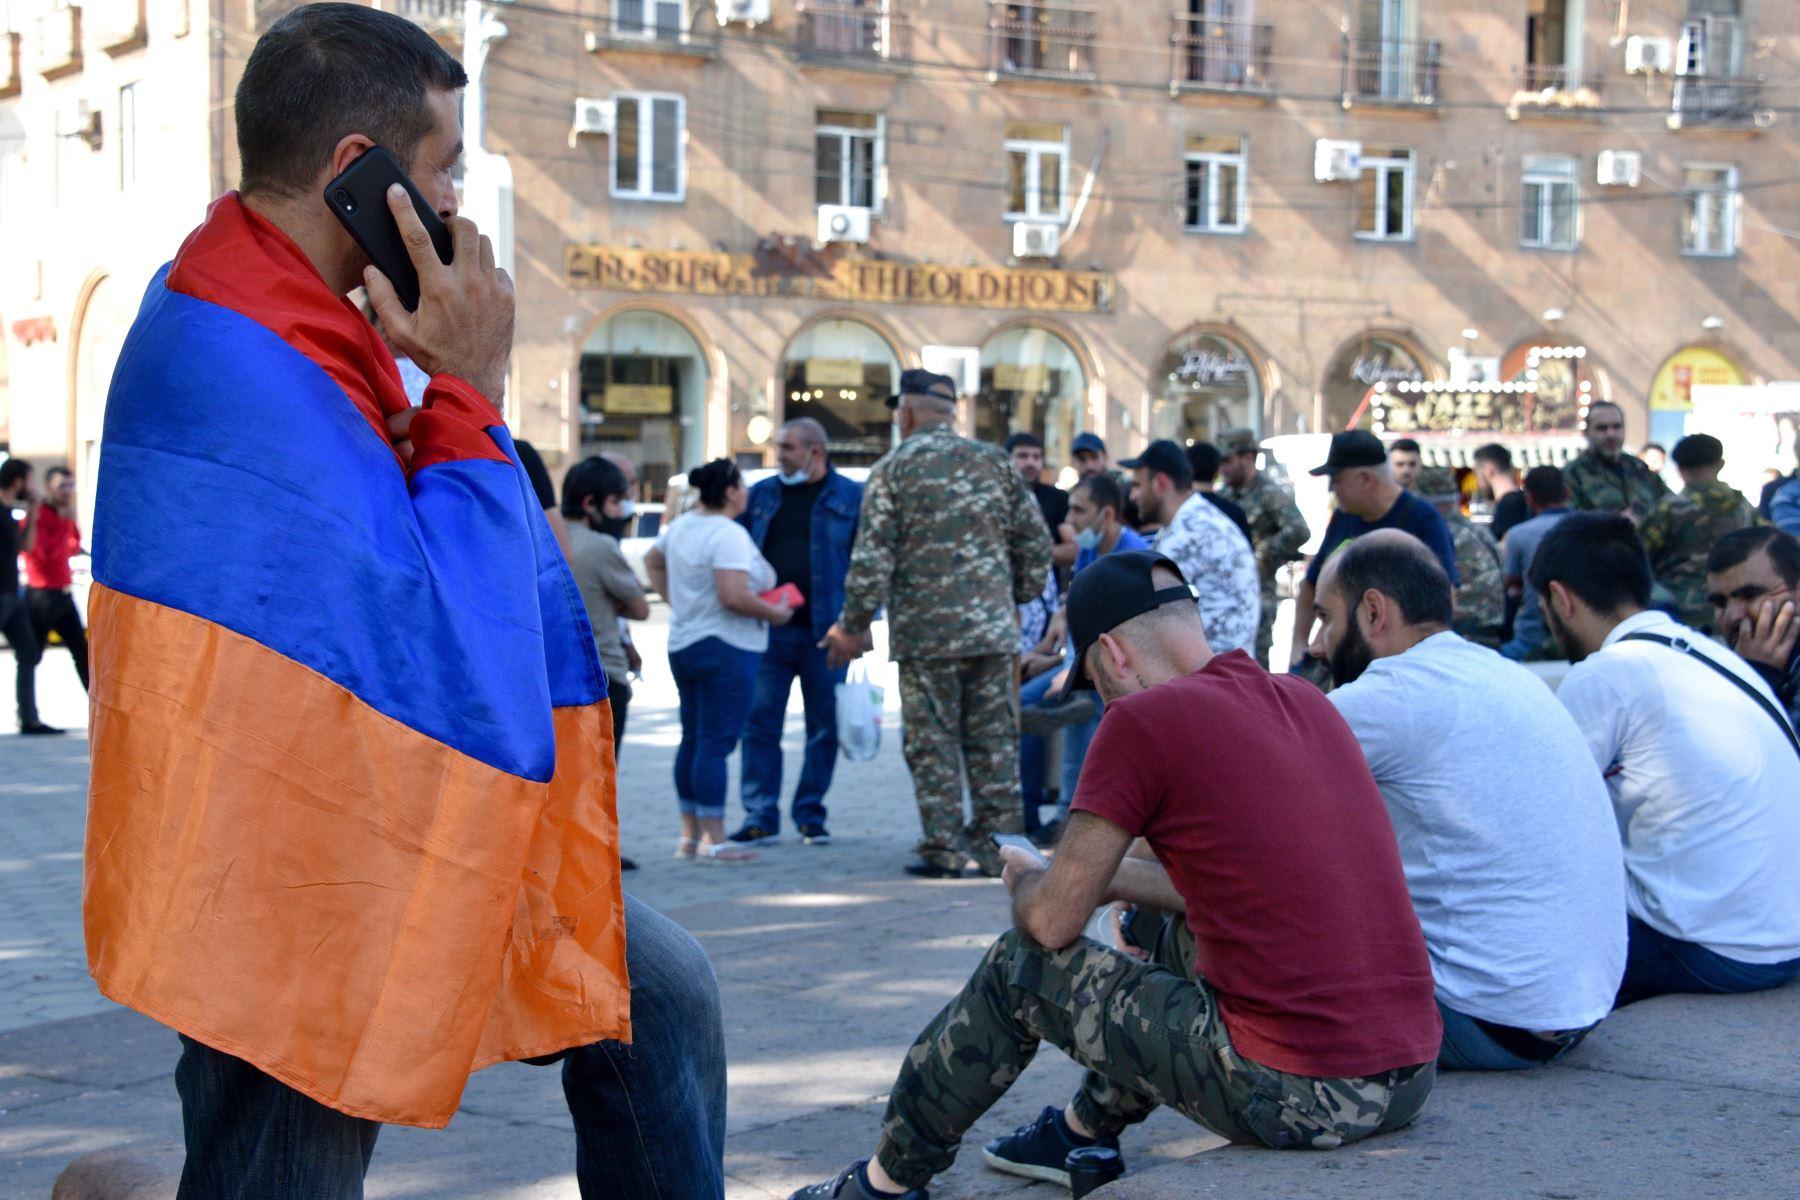 Voluntarios y veteranos, que están listos para ir a la línea del frente en Nagorno Karabaj, se reúnen en Ereván . Los archienemigos Armenia y Azerbaiyán se acusaron mutuamente de iniciar los enfrentamientos mortales. Foto: AFP